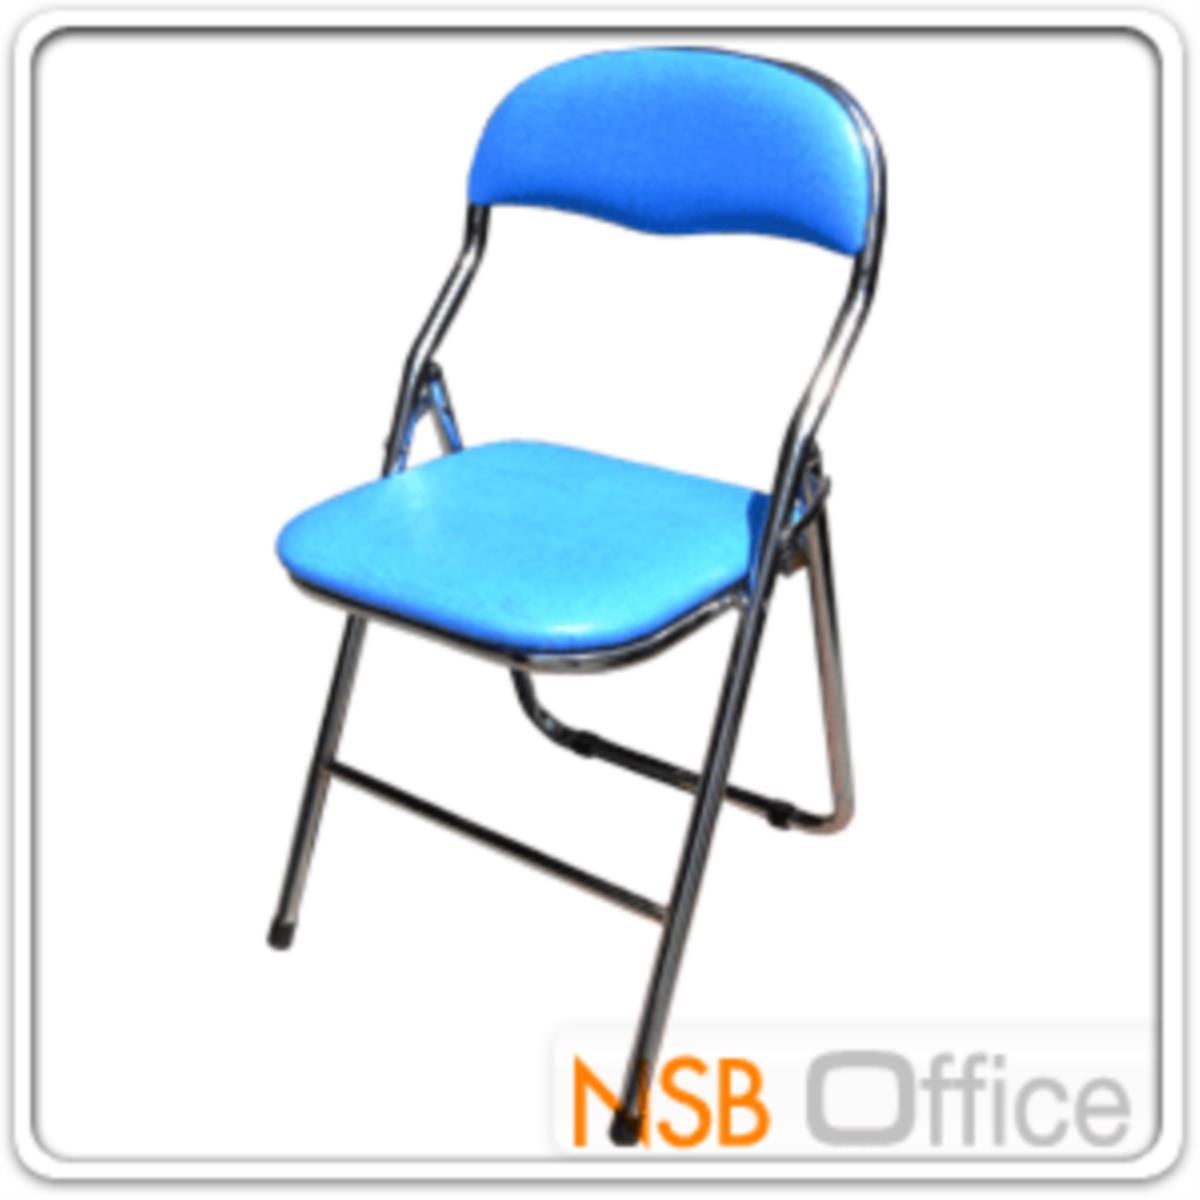 เก้าอี้พับที่นั่งหุ้มเบาะหนัง รุ่น BRANDY ขาเหล็กชุบโครเมี่ยม